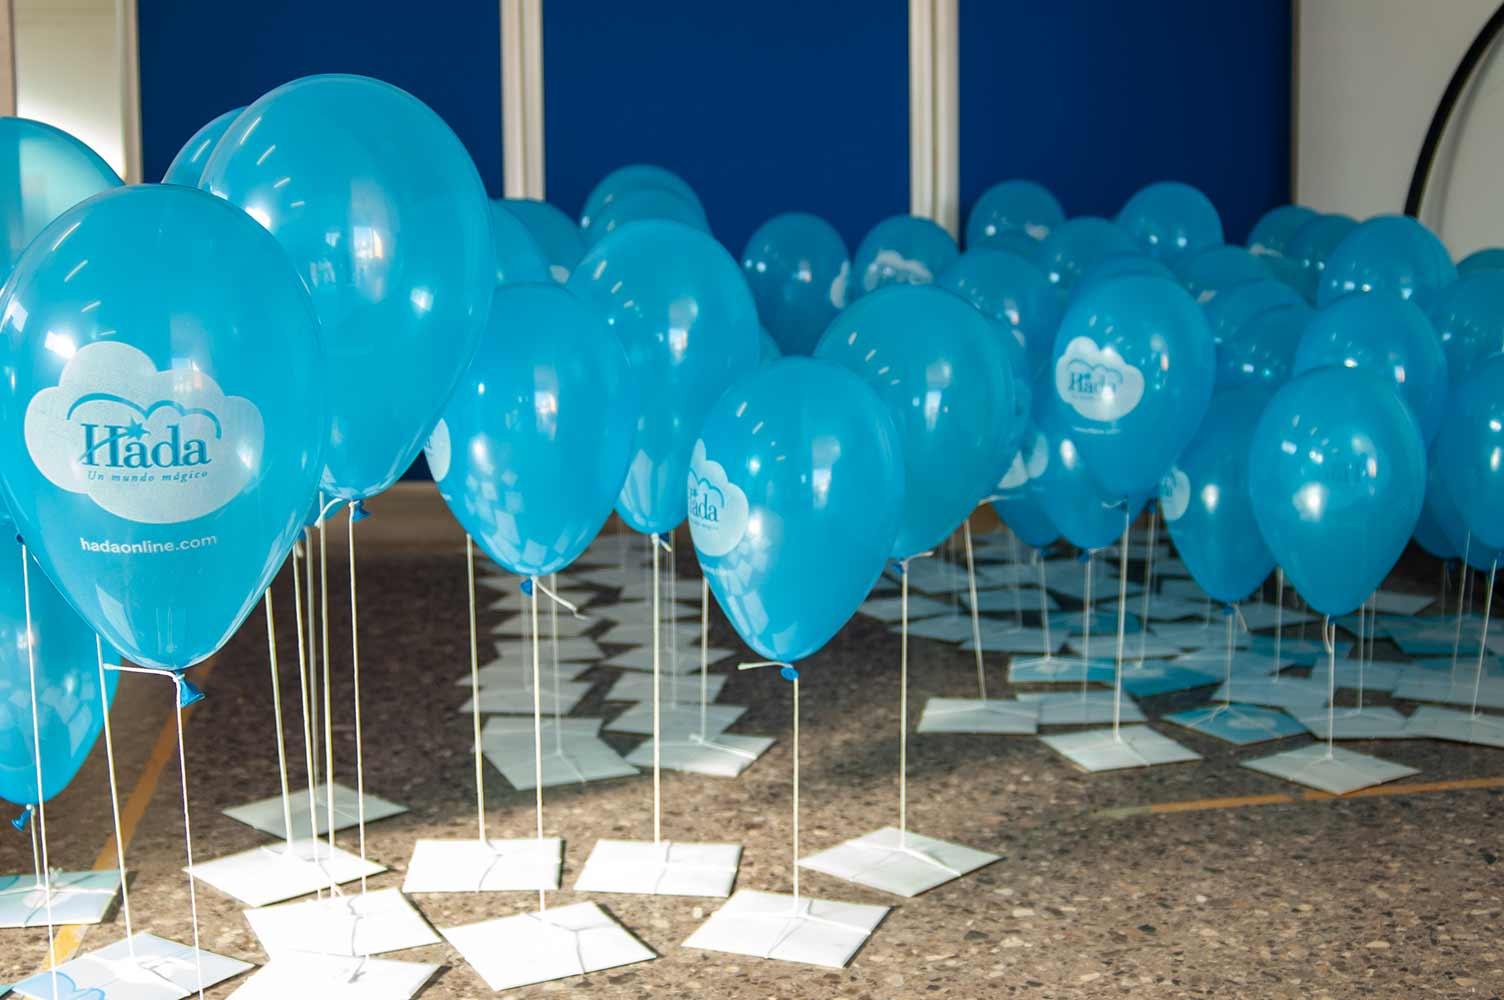 Globos de helio con mensajería especial para campaña de publicidad